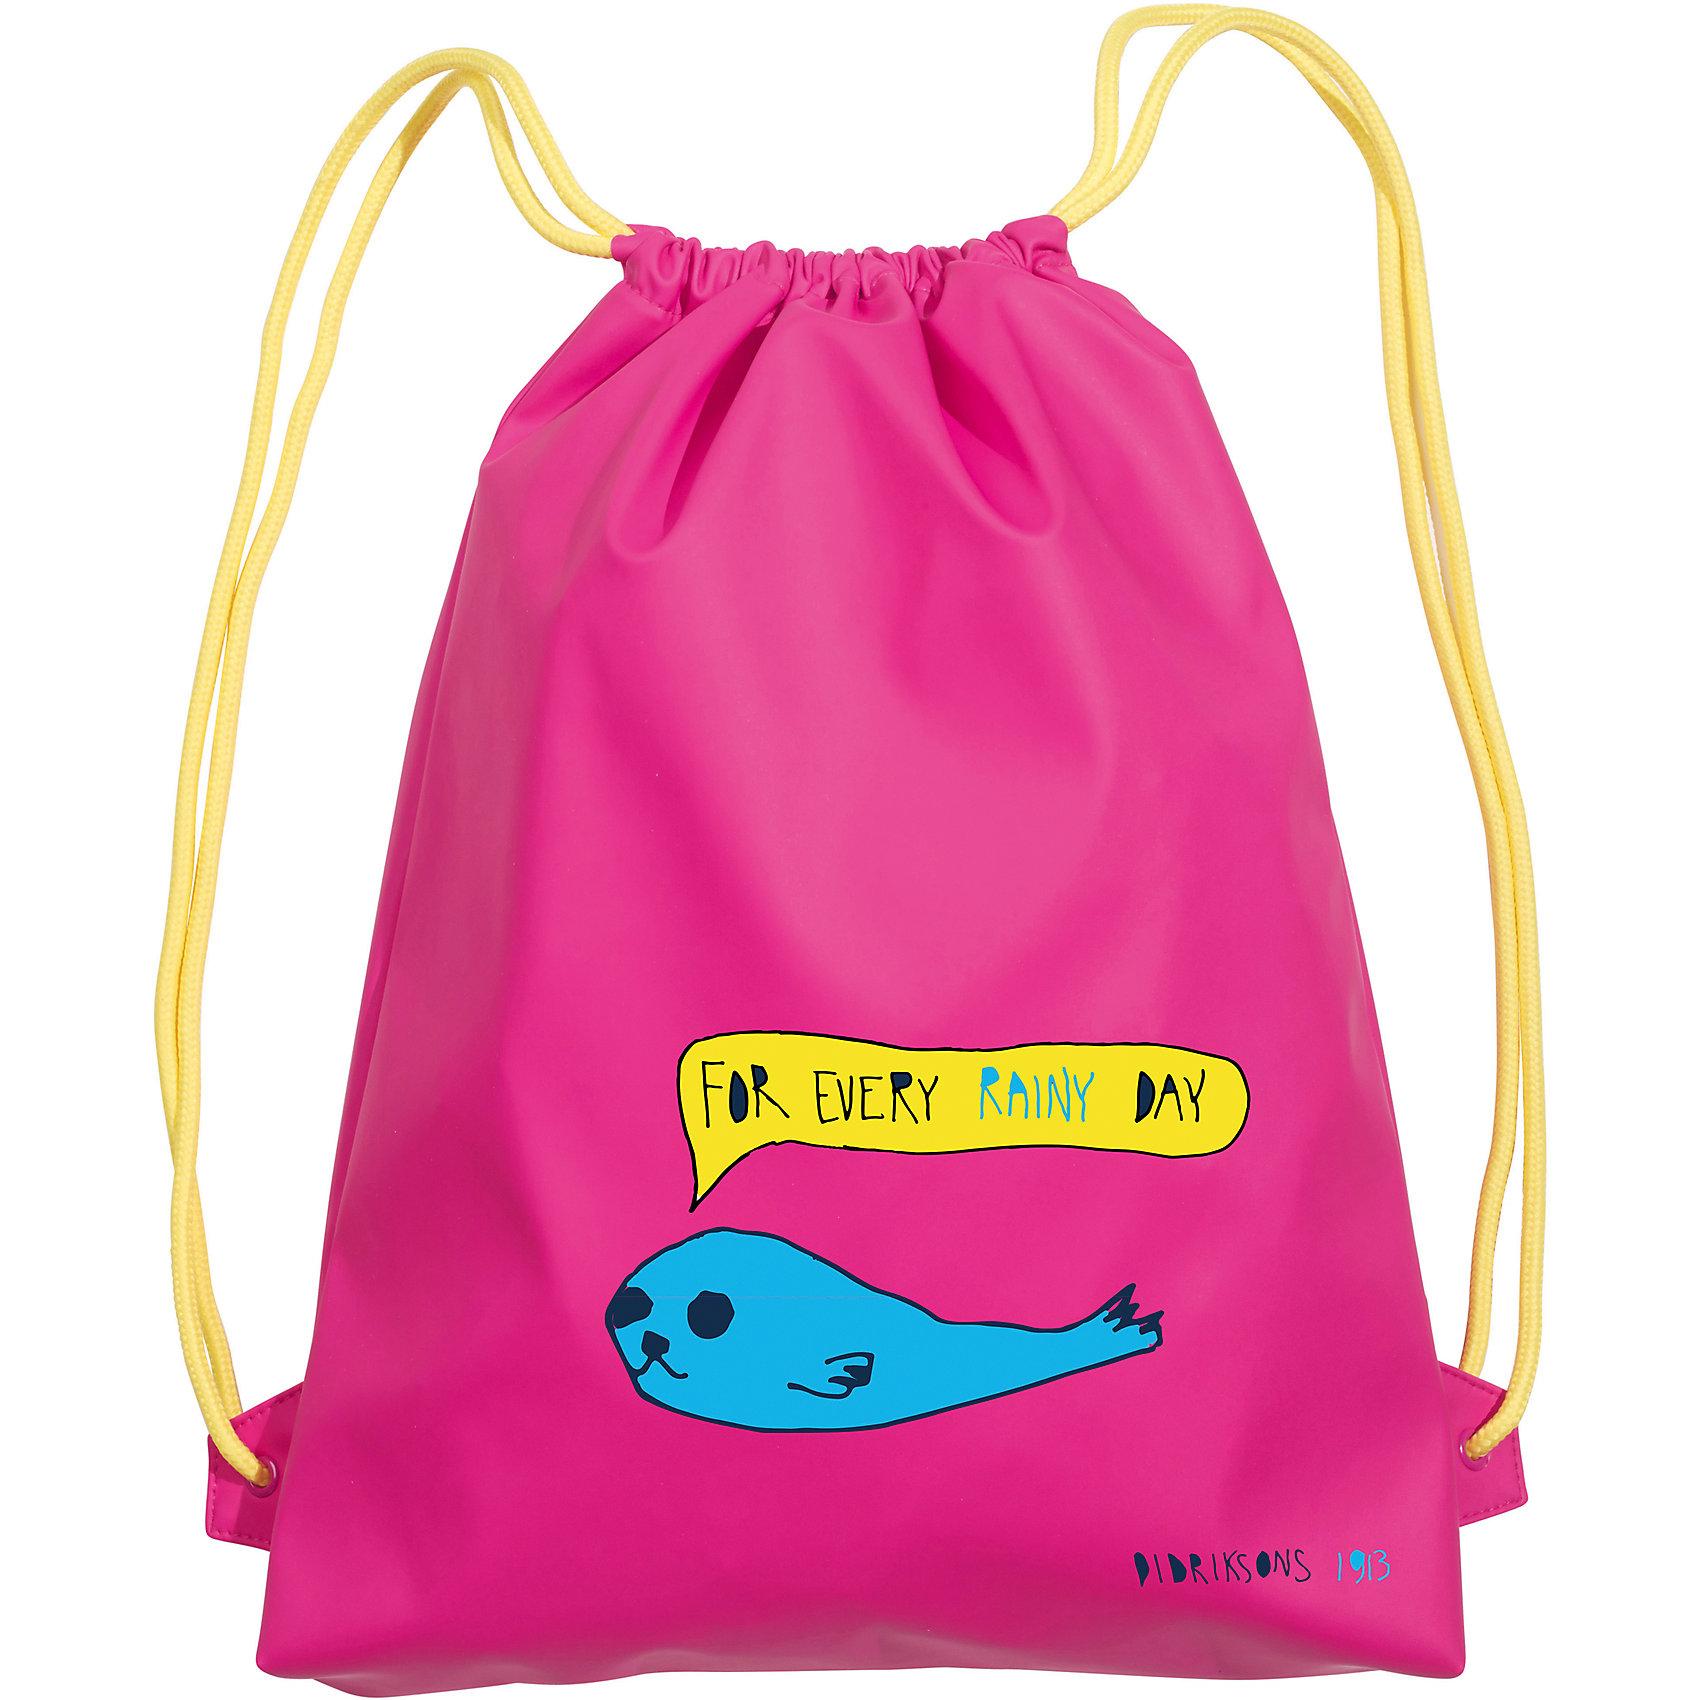 Рюкзак GALON для девочки DIDRIKSONSРюкзак из абсолютно водонепроницаемого полиуретана Galon. <br>Состав:<br>Верх - 100% полиуретан, подкладка - 100% полиэстер<br><br>Ширина мм: 227<br>Глубина мм: 11<br>Высота мм: 226<br>Вес г: 350<br>Цвет: розовый<br>Возраст от месяцев: 36<br>Возраст до месяцев: 120<br>Пол: Женский<br>Возраст: Детский<br>Размер: one size<br>SKU: 5527316